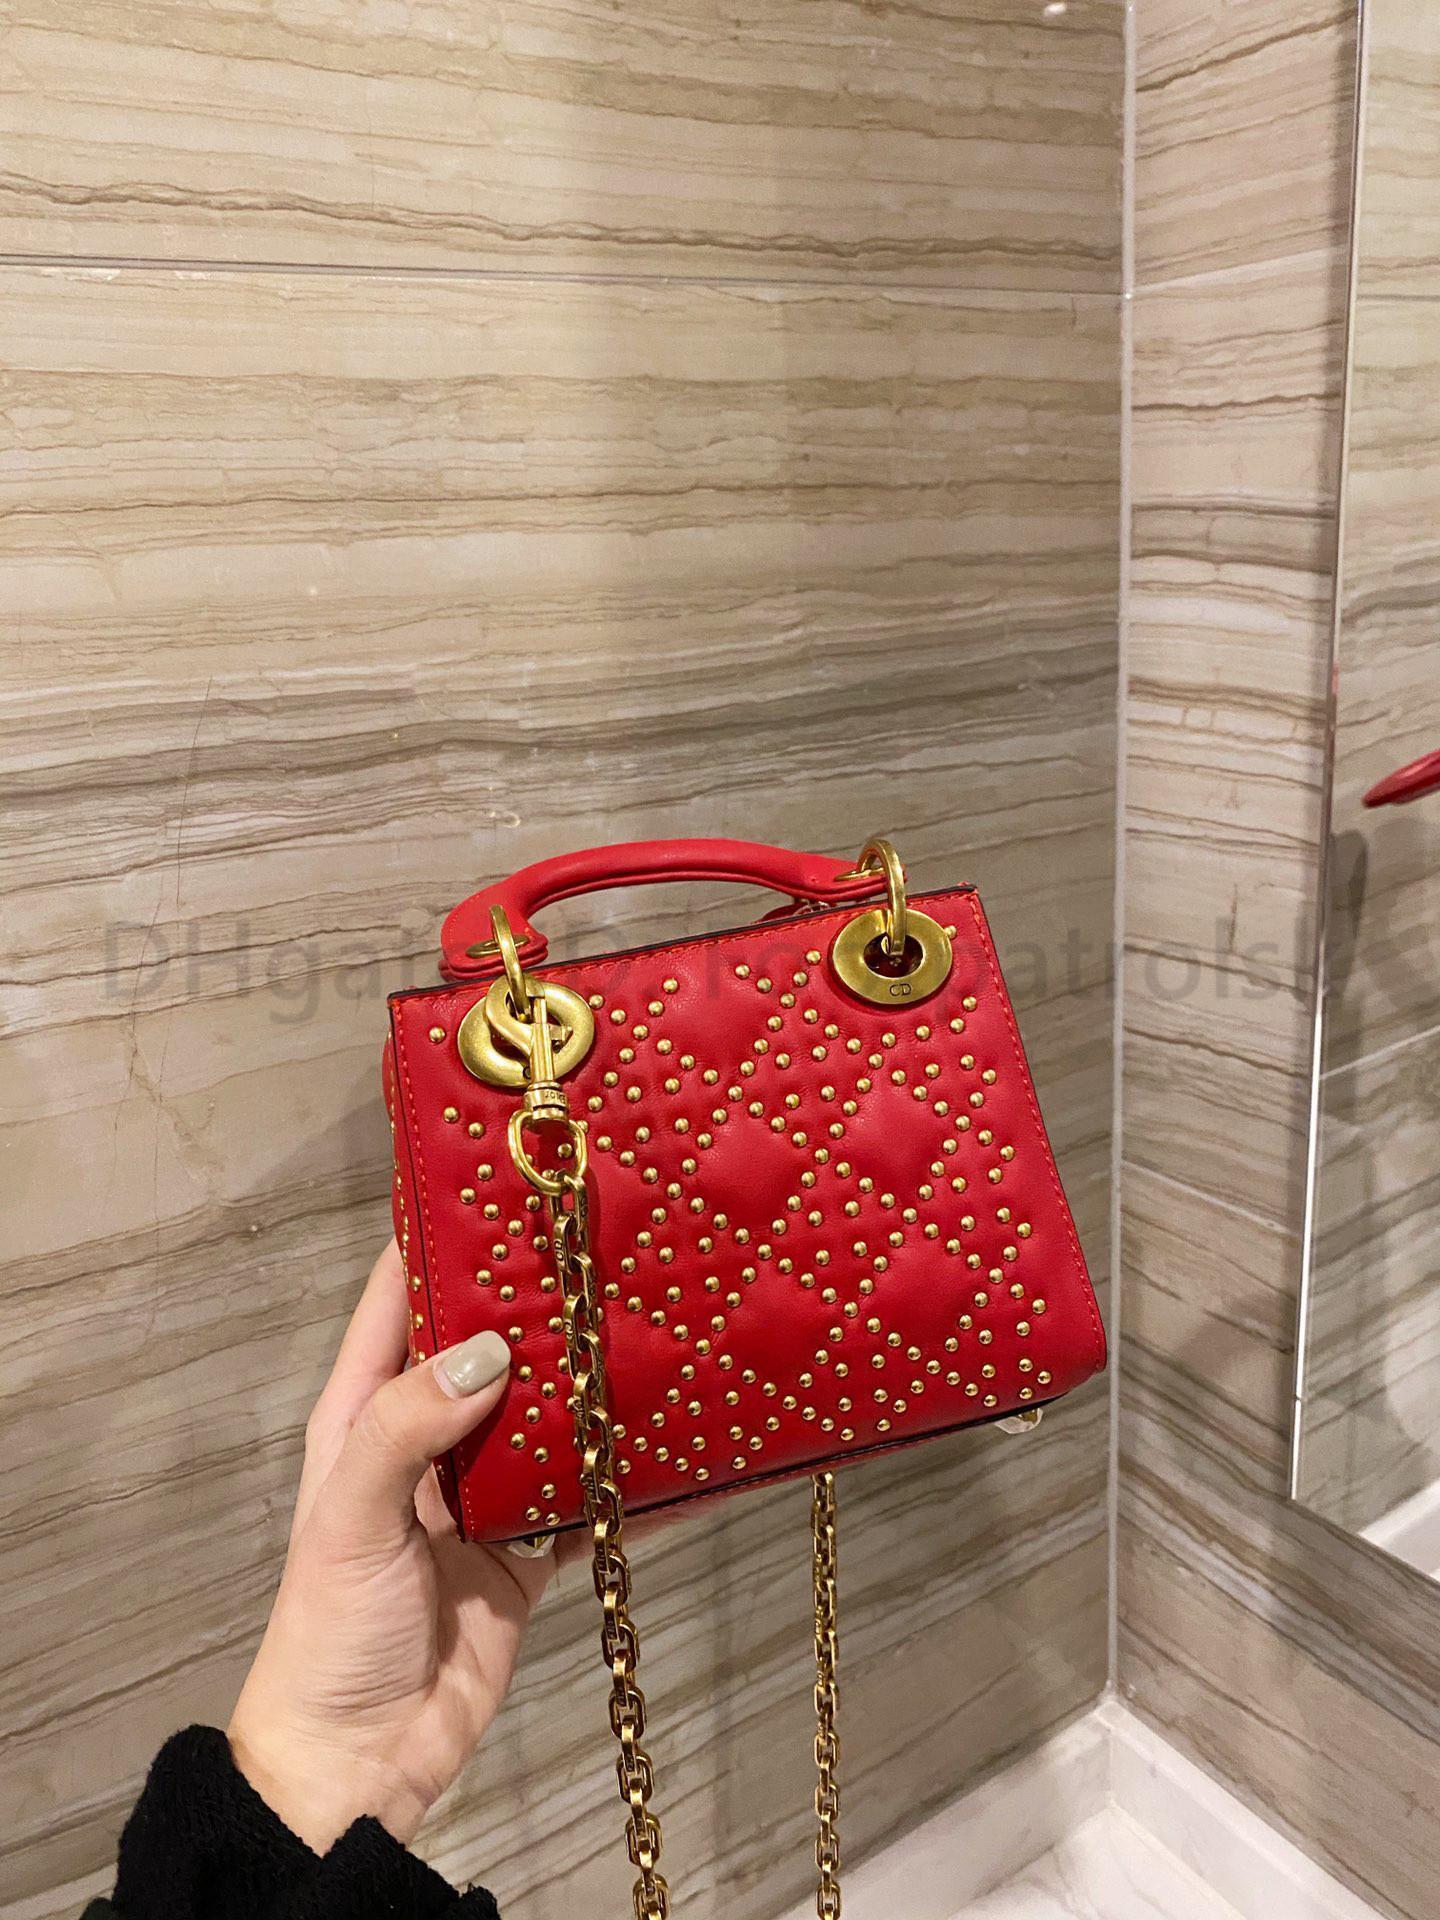 Топ модные сумки роскоши лучшие заклепки седло качество Crossbody сумка женские сумки сумки дизайнеры 2021 сумочка клатч леди сумки на плечо AJGJ